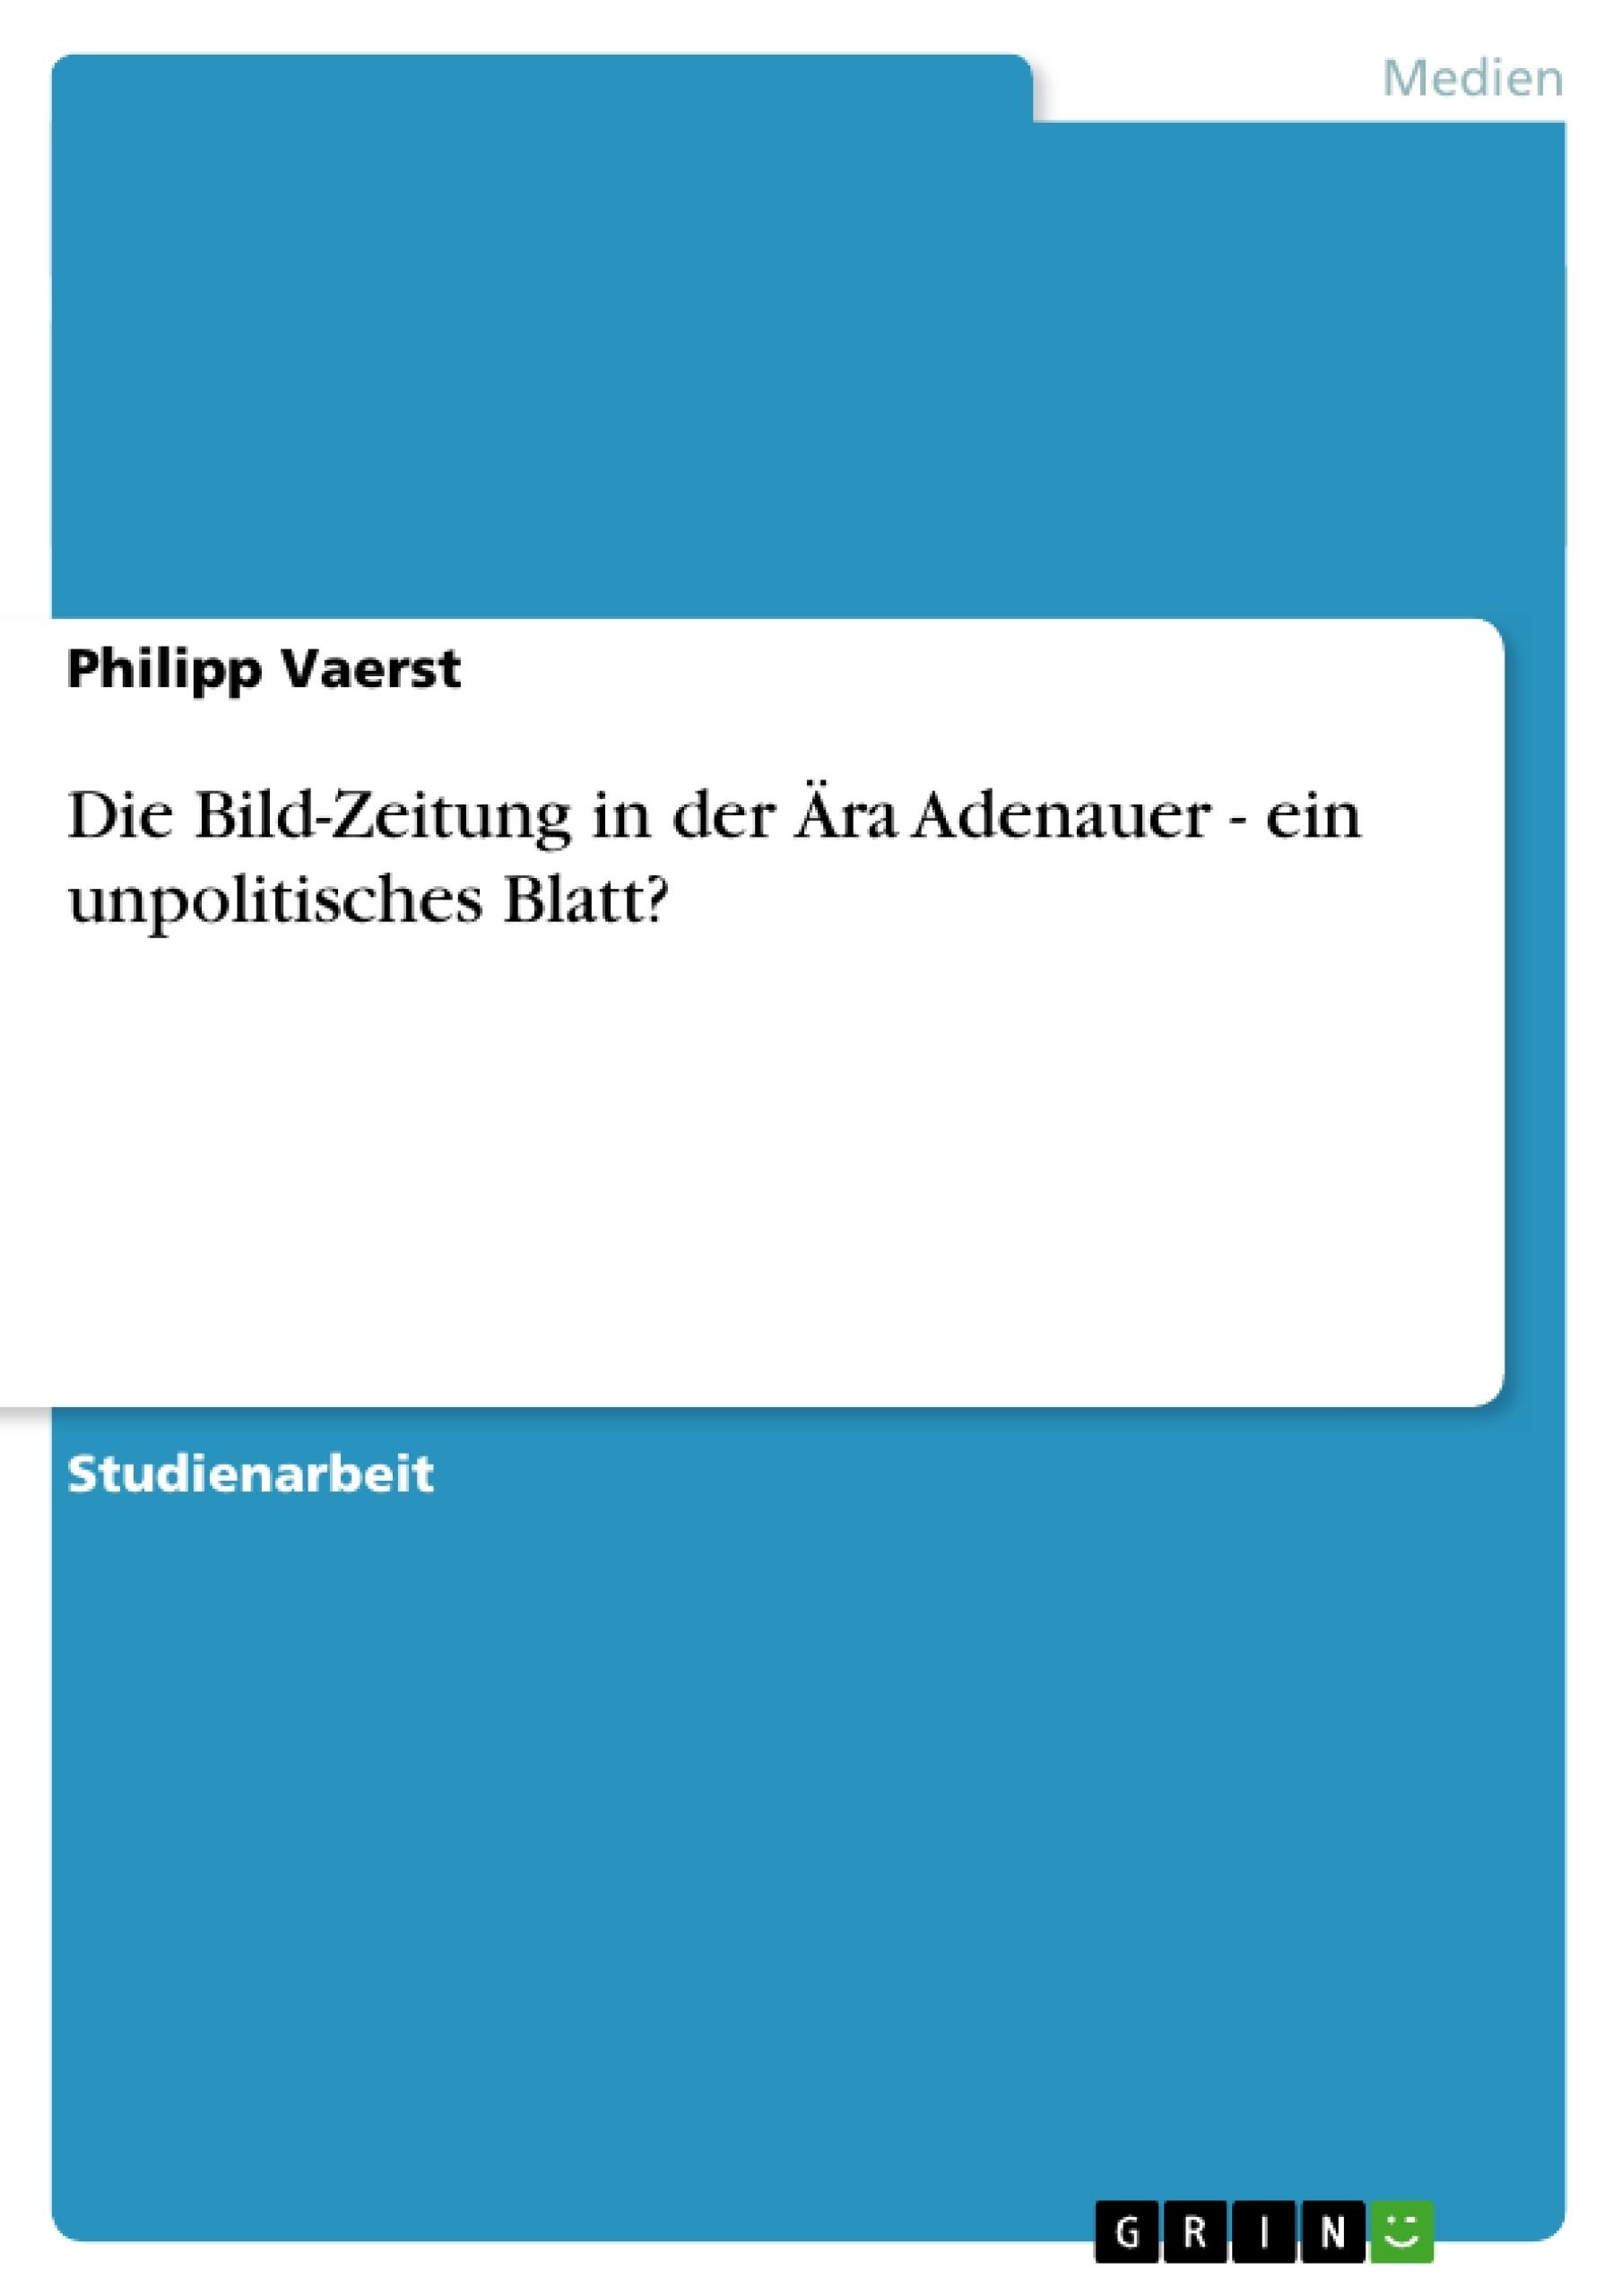 Titel: Die Bild-Zeitung in der Ära Adenauer - ein unpolitisches Blatt?